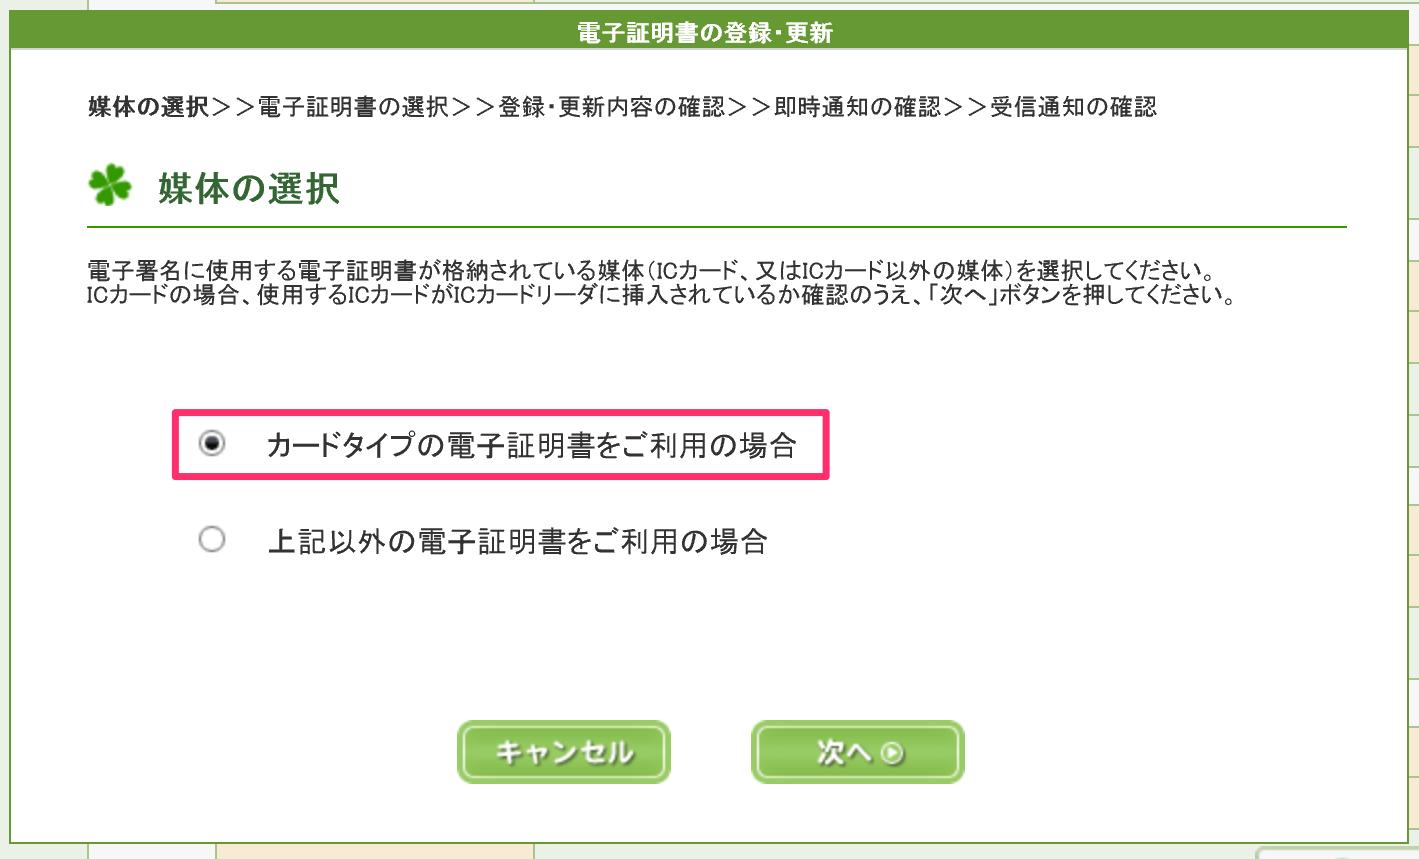 「媒体の選択」画面にて、[カードタイプの電子証明書をご利用の場合]にチェックを入れているスクリーンショット